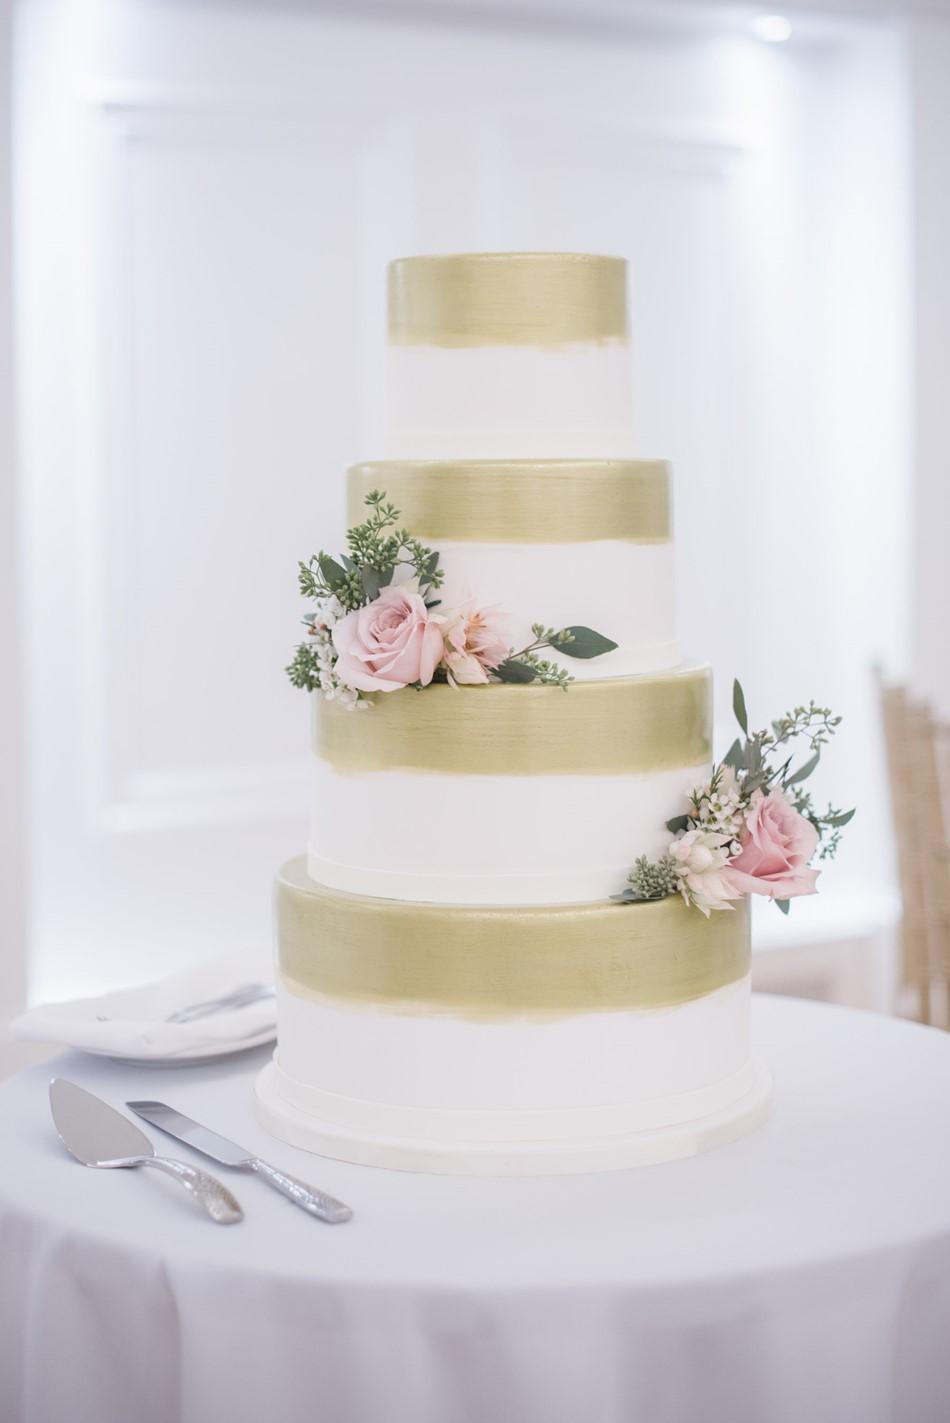 Plain White & Gold Striped Wedding Cake